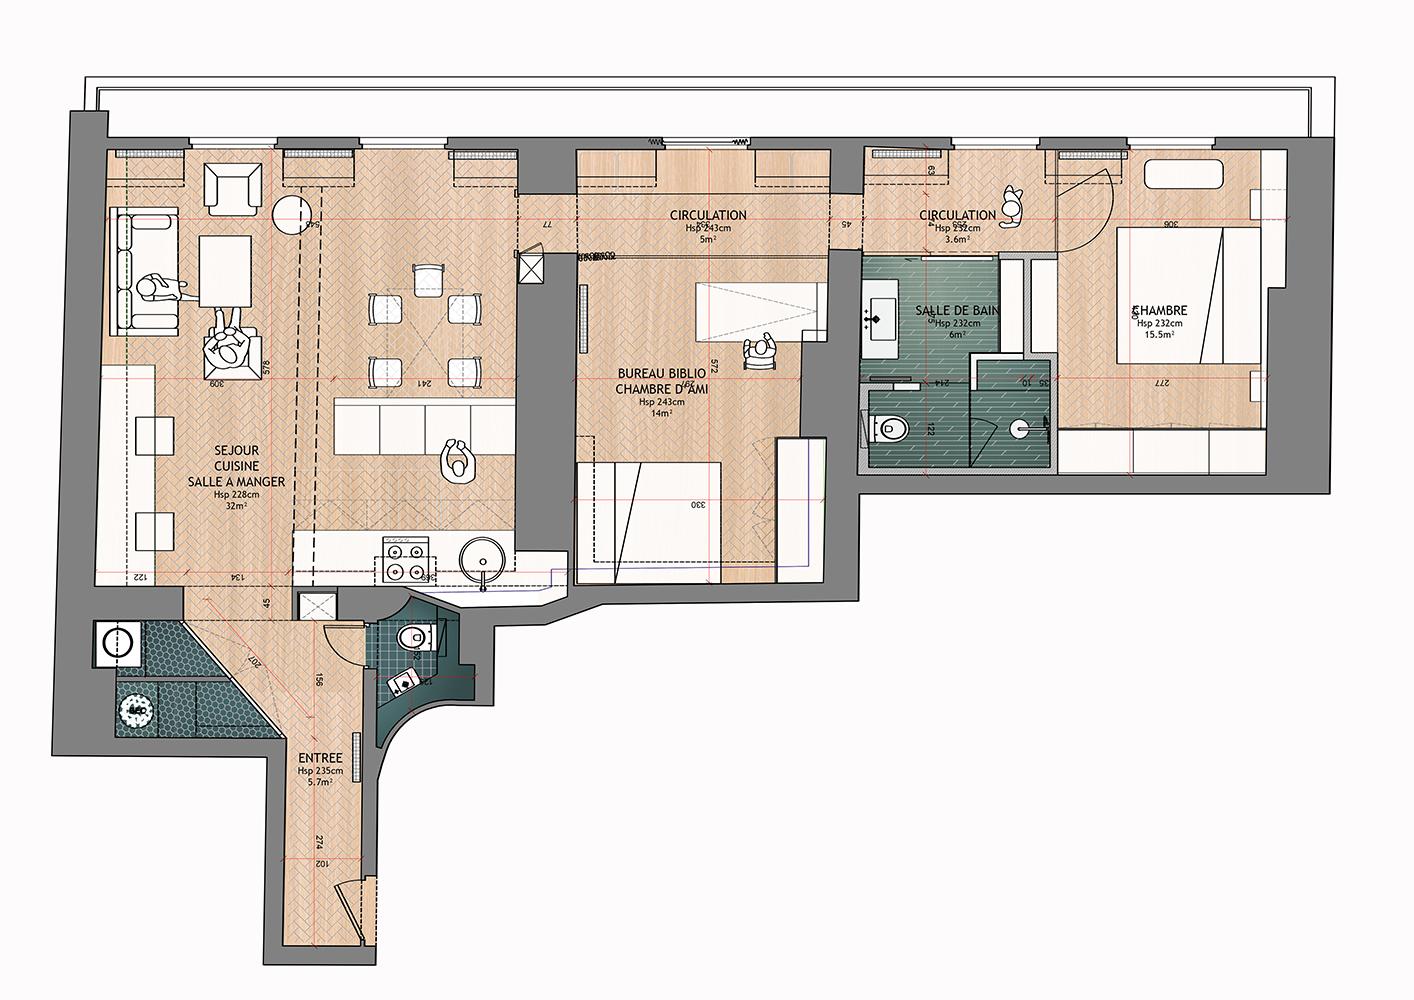 Best Apartment Floor Plans Designs Pictures - Interior Design ...